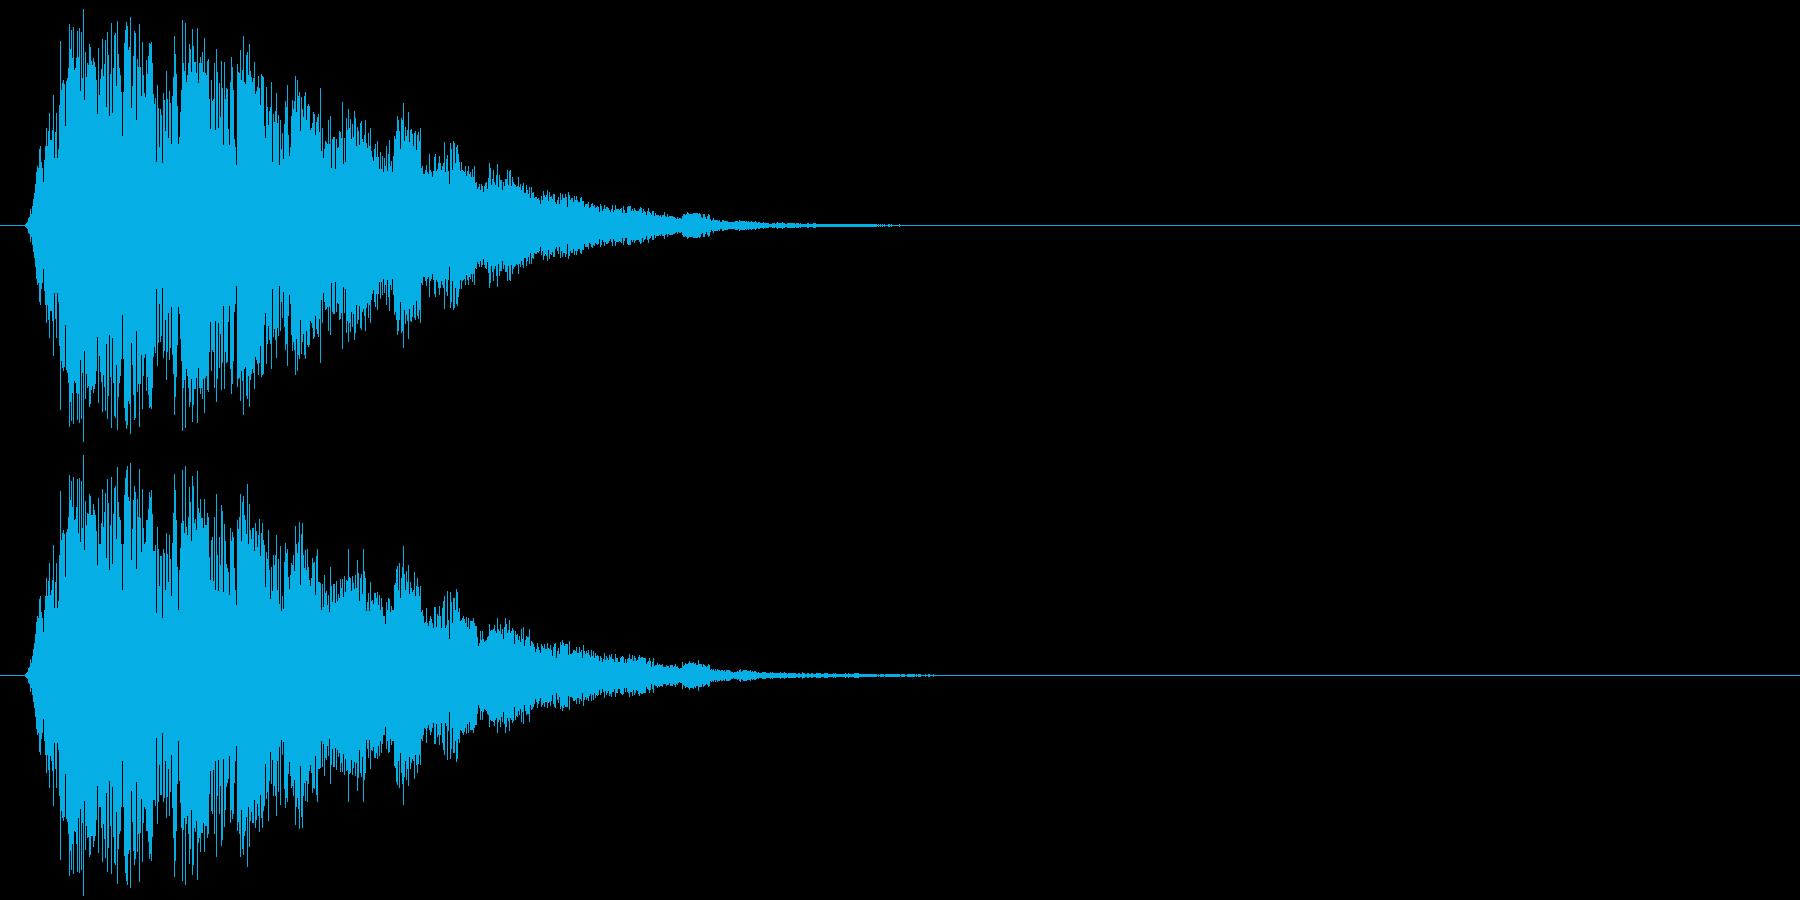 キラキラキラッ↑(魔法、可愛い)の再生済みの波形